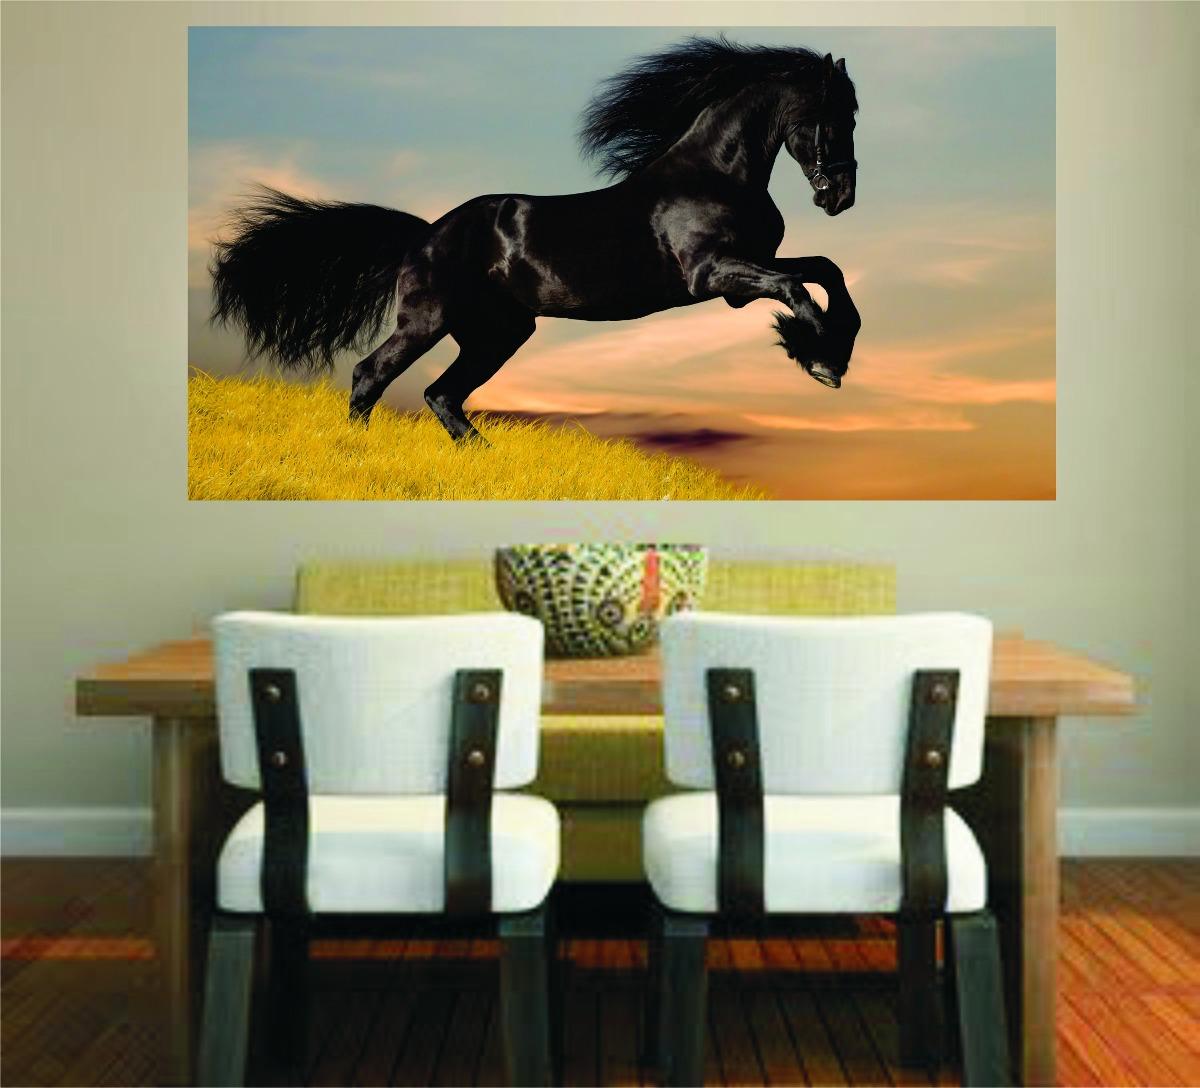 Adesivo Decora O Parede Sala Imagem Cavalo Cowboy Aras R 44 99  -> Fts De Cavalo Rm Adesivo Pra Quarto